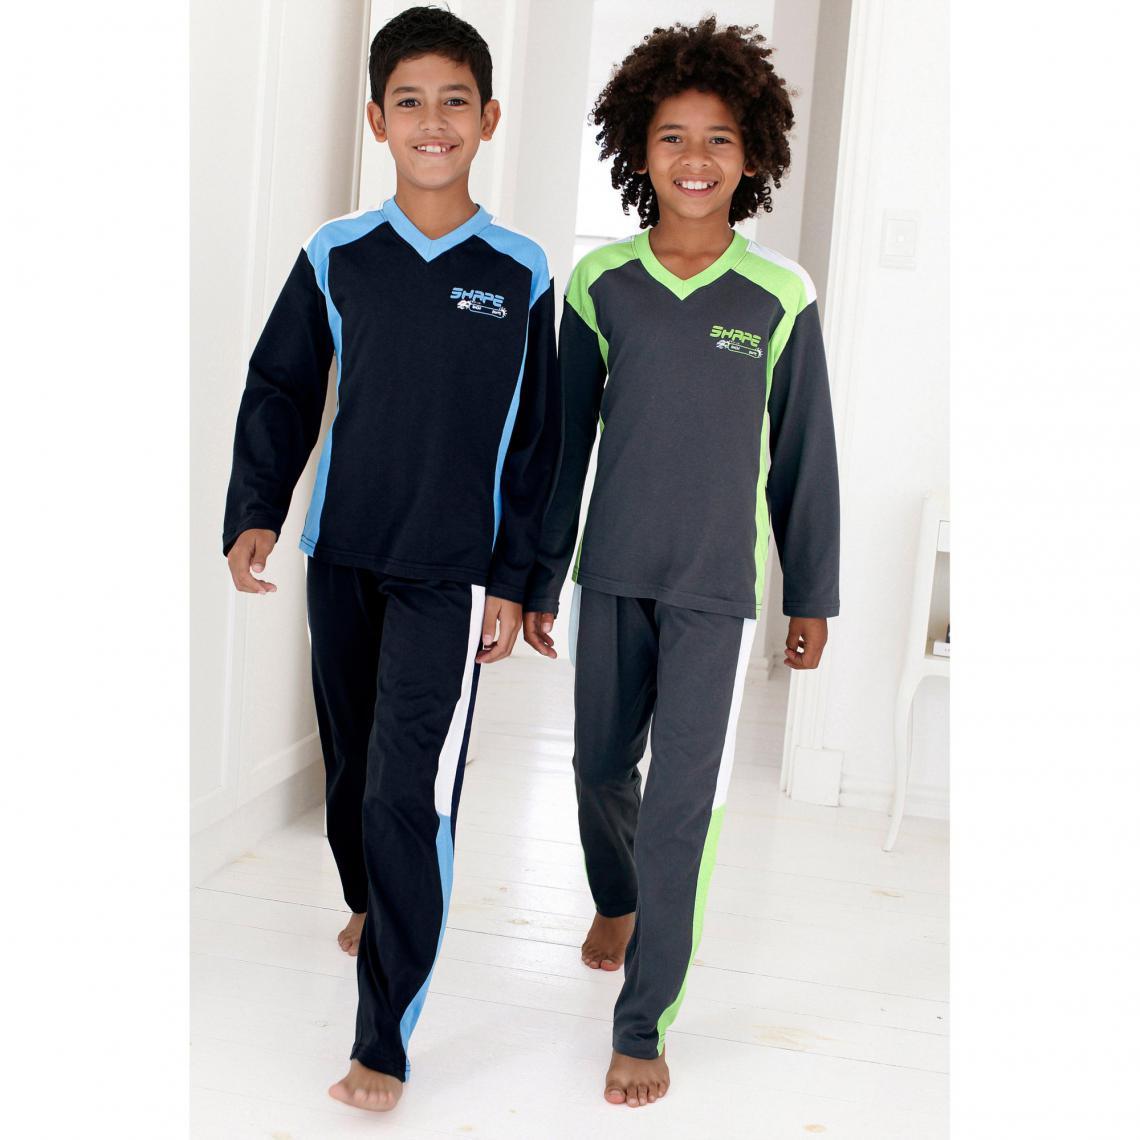 Lot de 2 pyjamas manches longues coton gar�on - Gris - 3Suisses